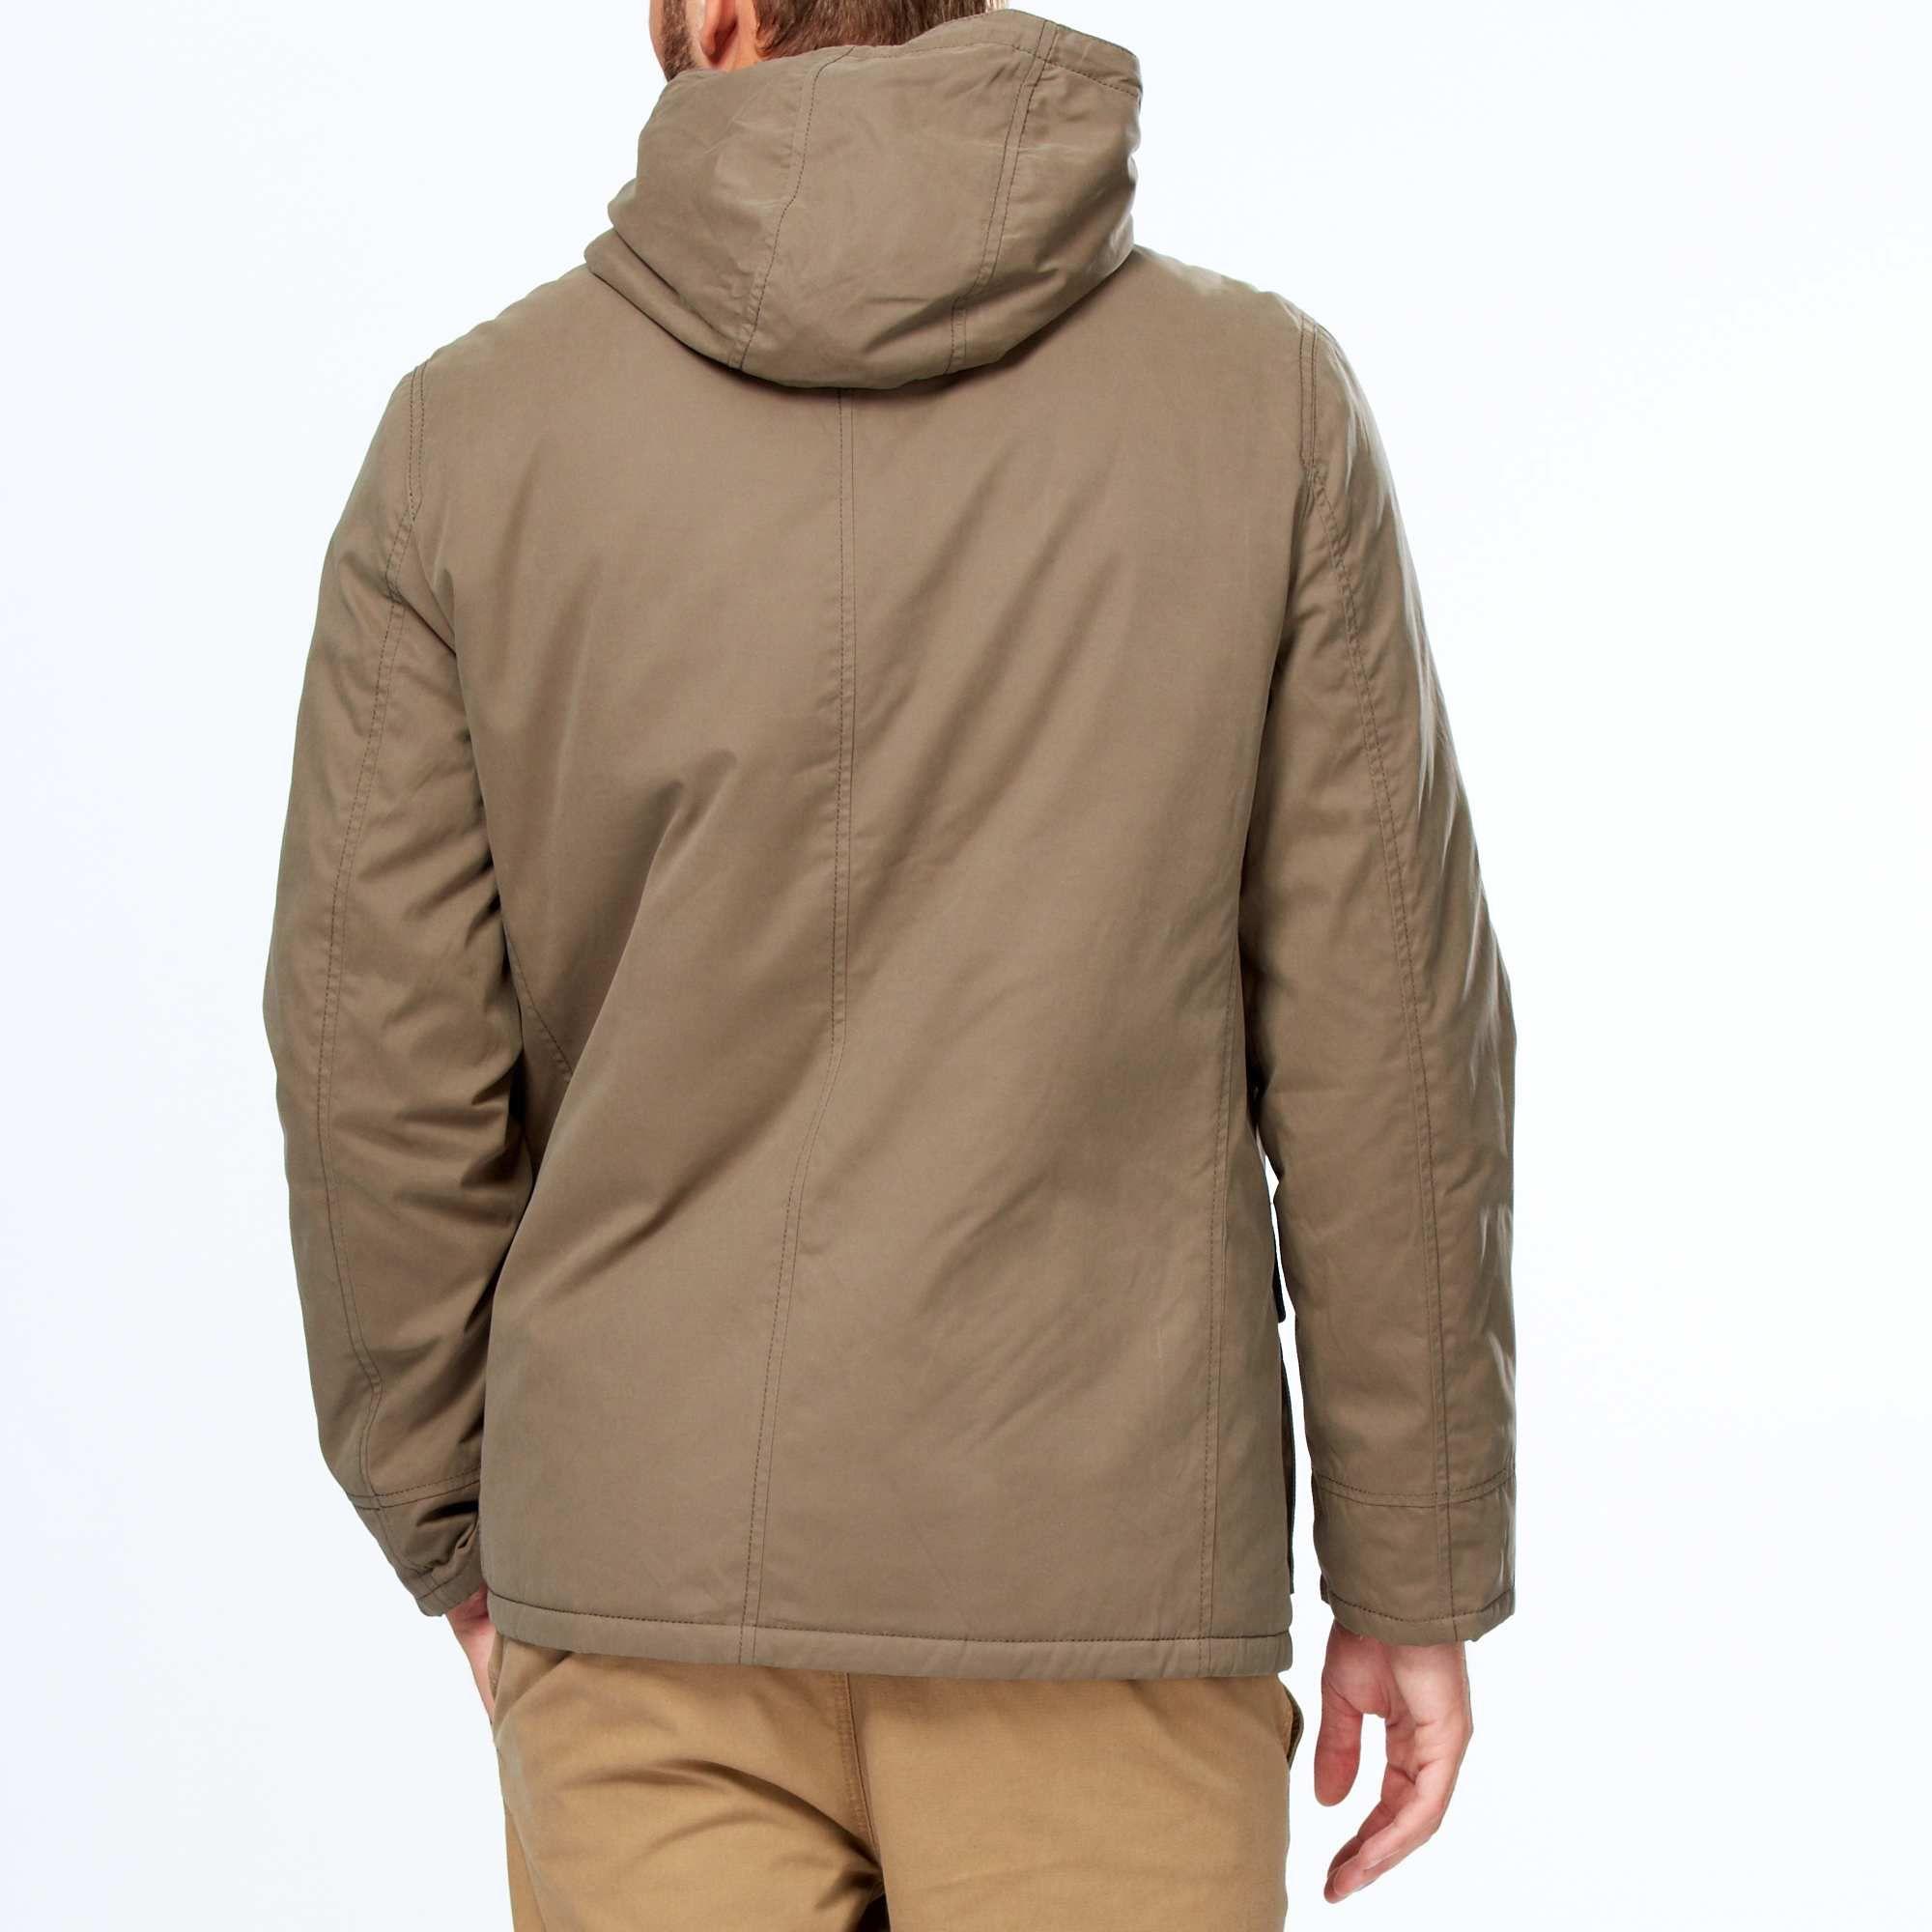 acheter en ligne 4a2ef f8353 Parka légère à capuche Homme - Kiabi - 40,00€ | Postures de ...